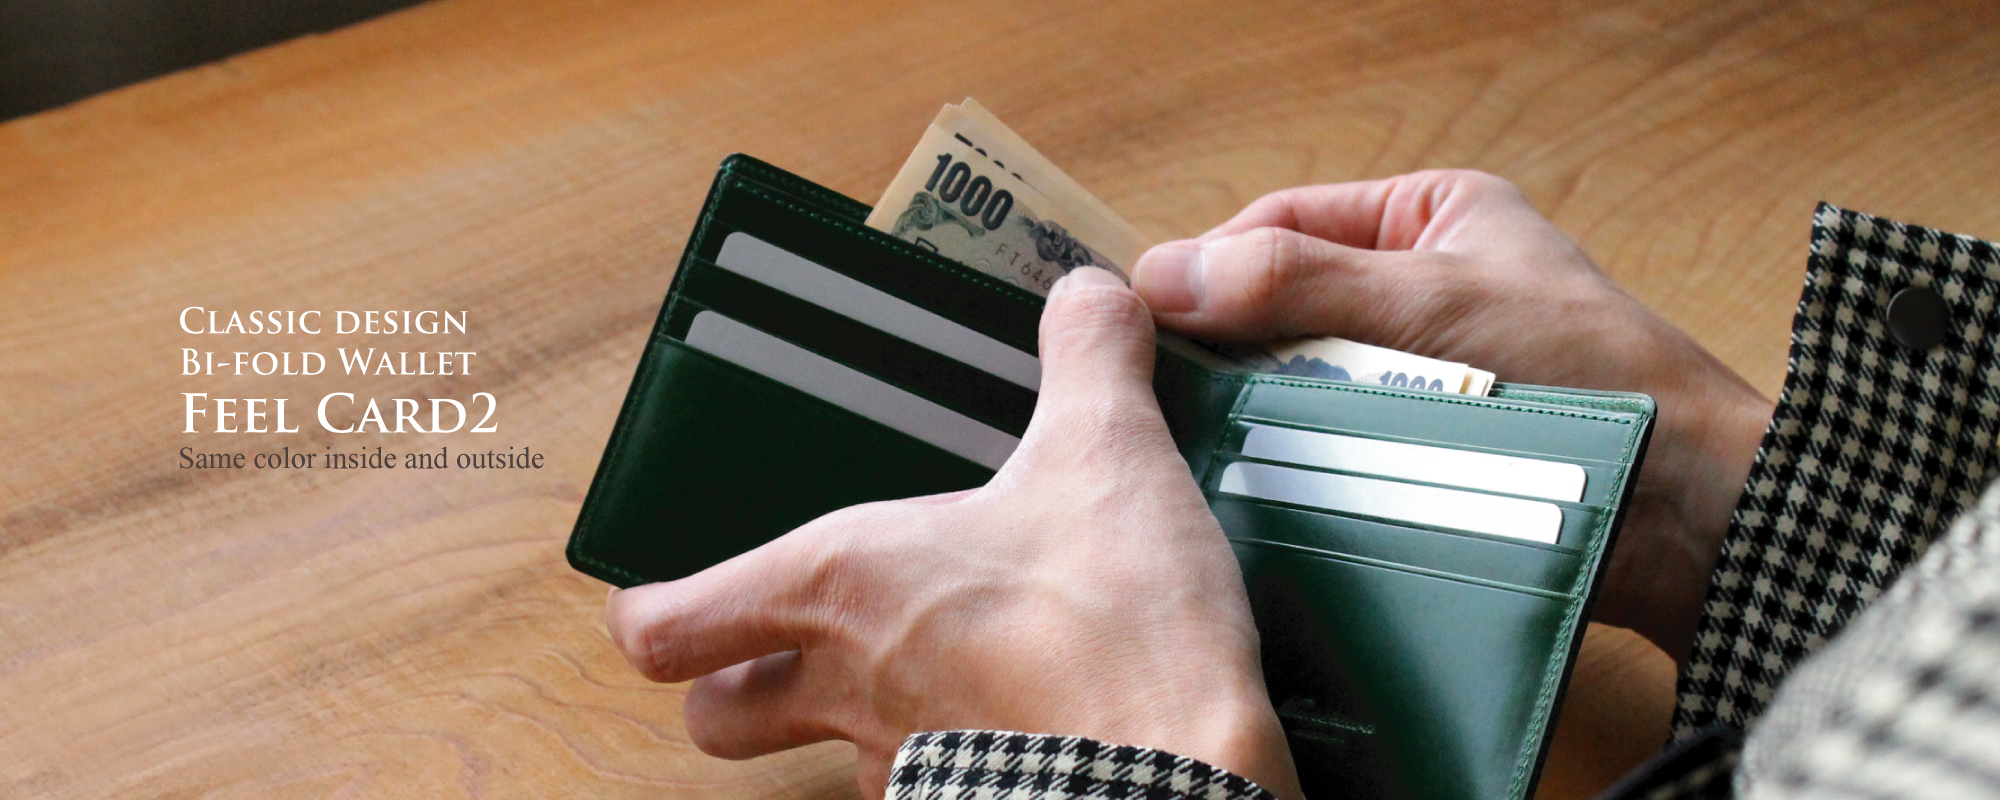 二つ折り財布 feel card2